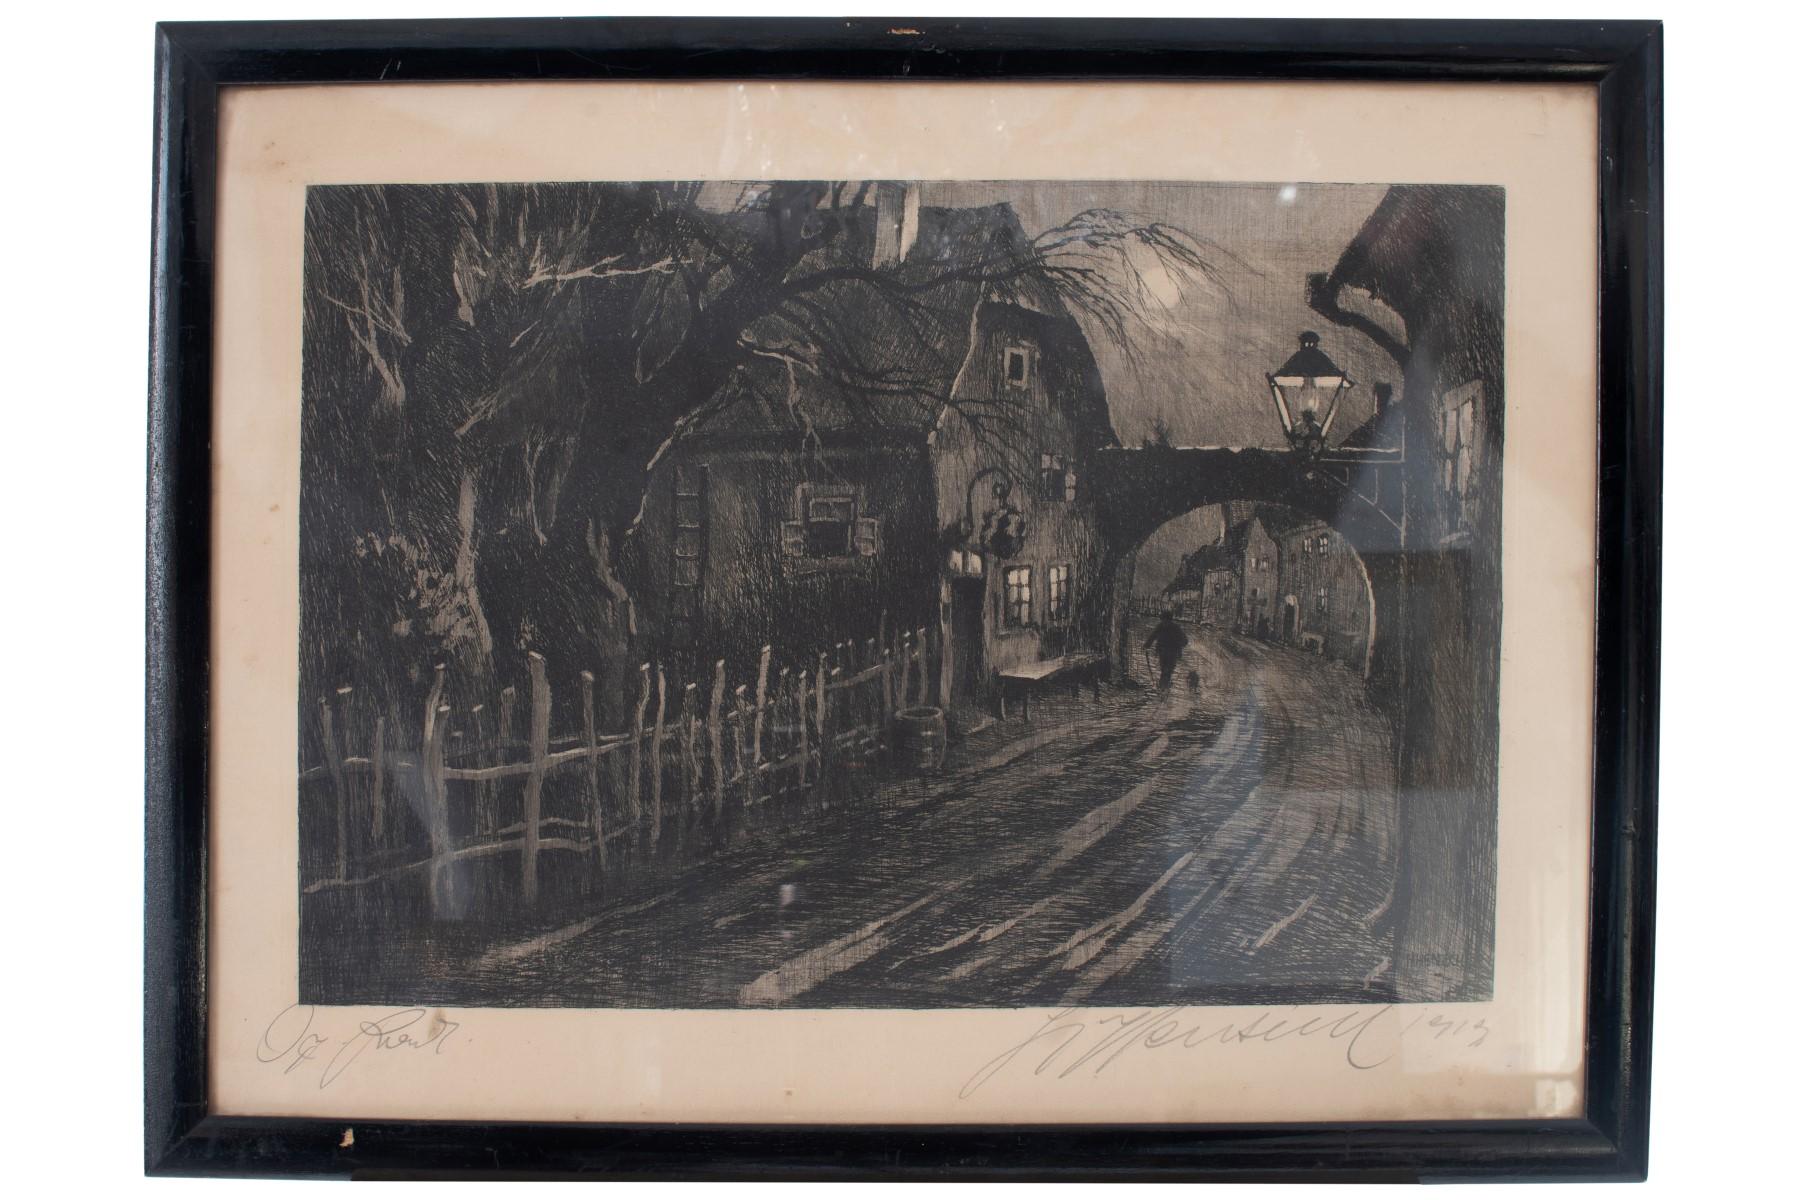 #41 Hugo Henschl (1879-1929), Village street with inn   Hugo Henschel (1879-1929), Dorfstraße mit Wirtshaus Image